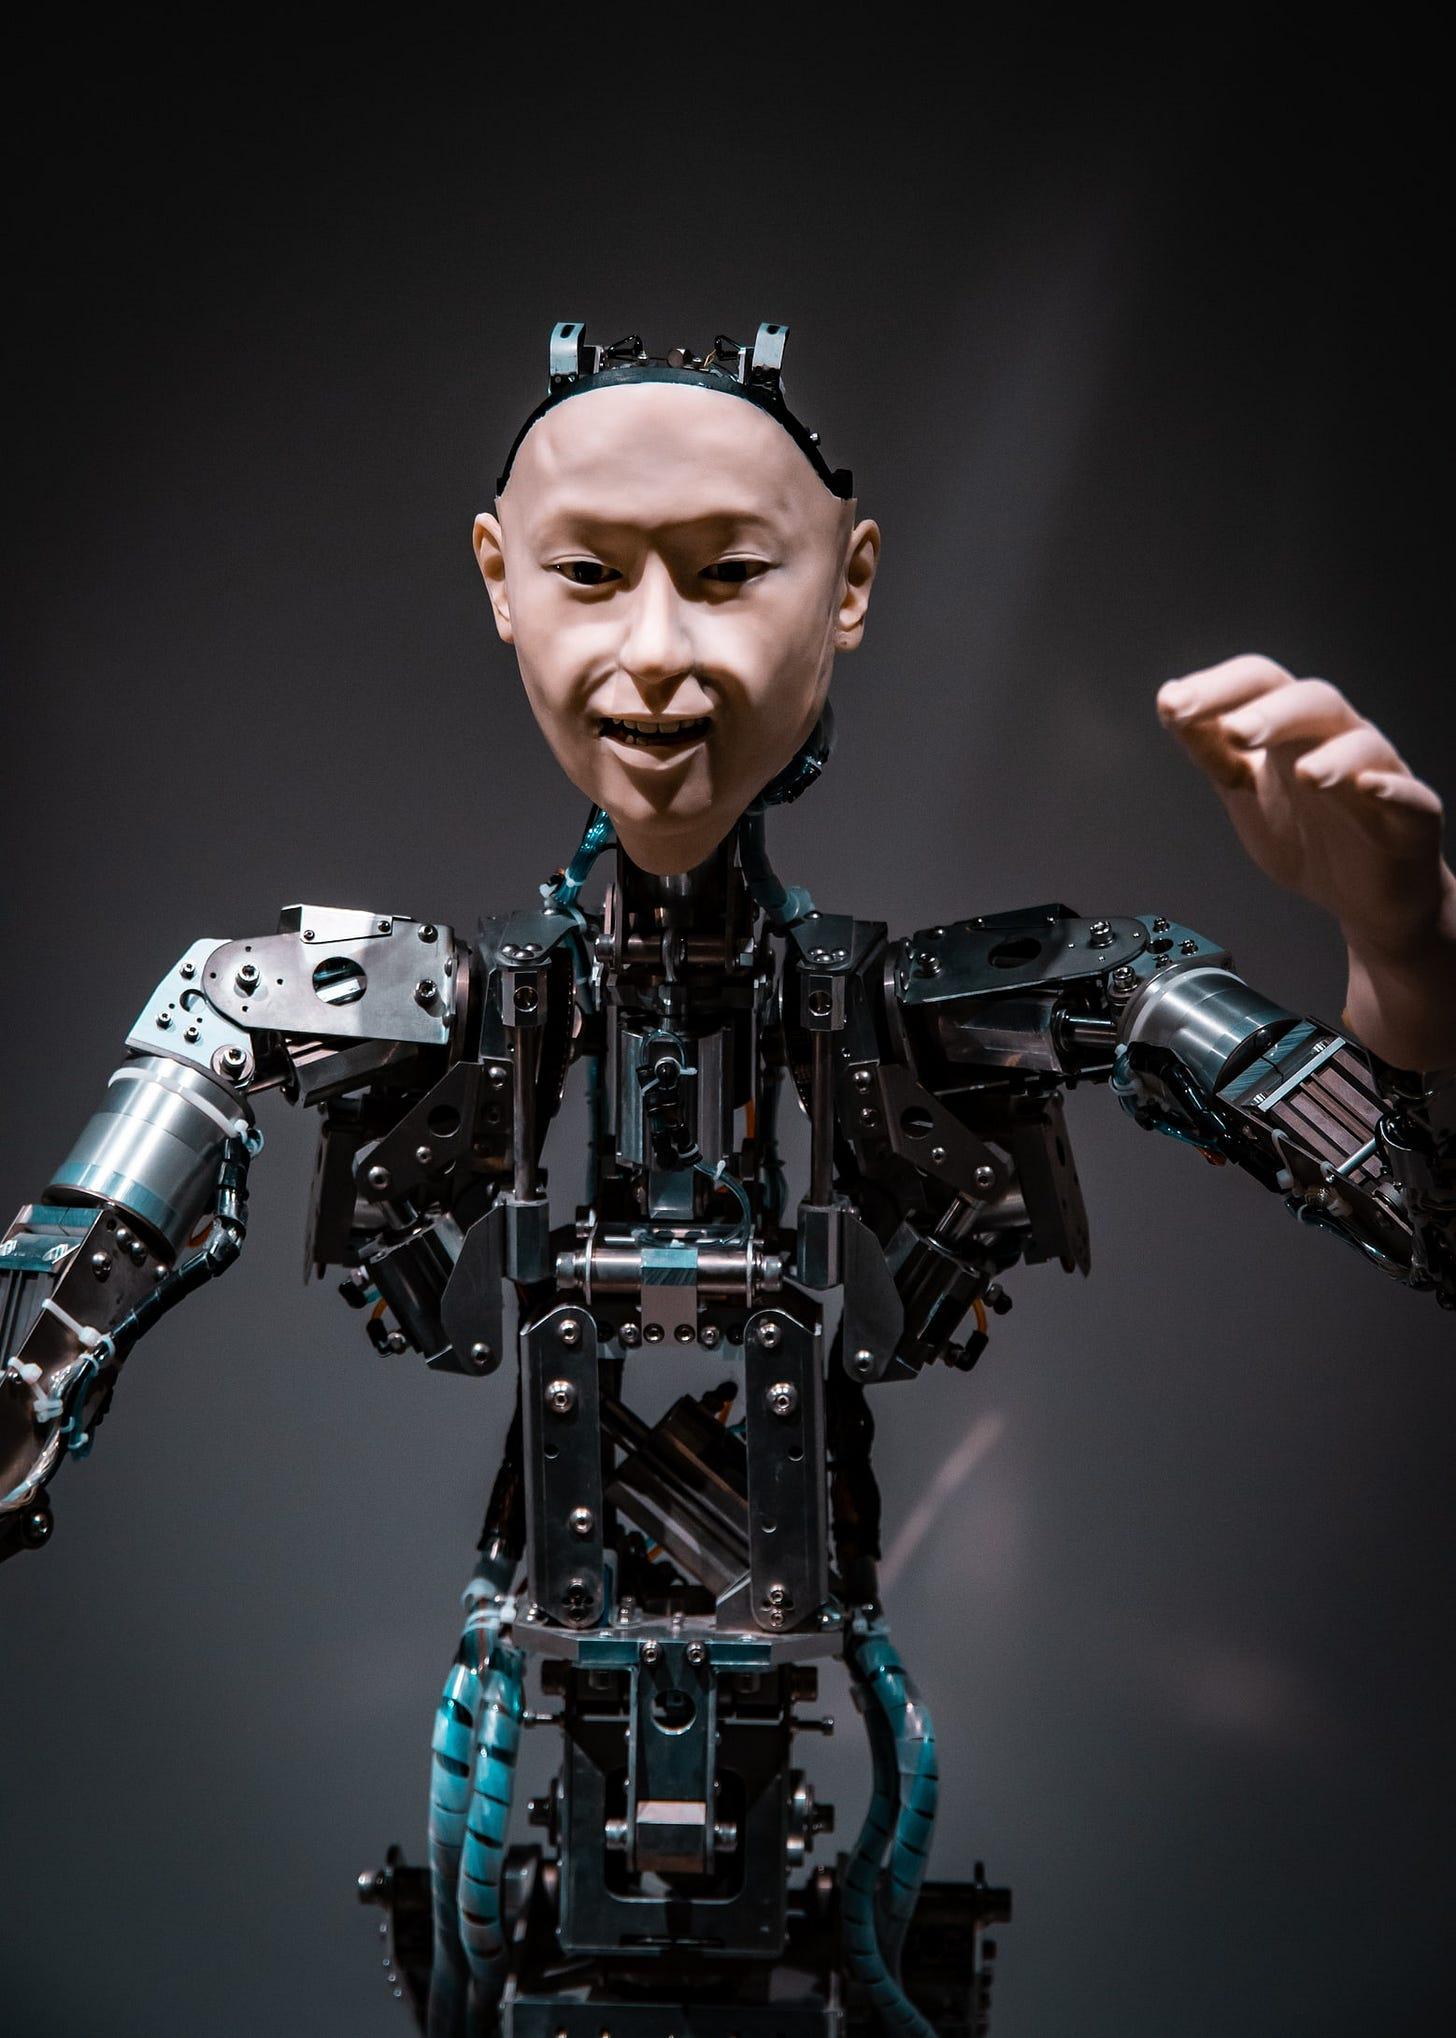 emotional cyborg